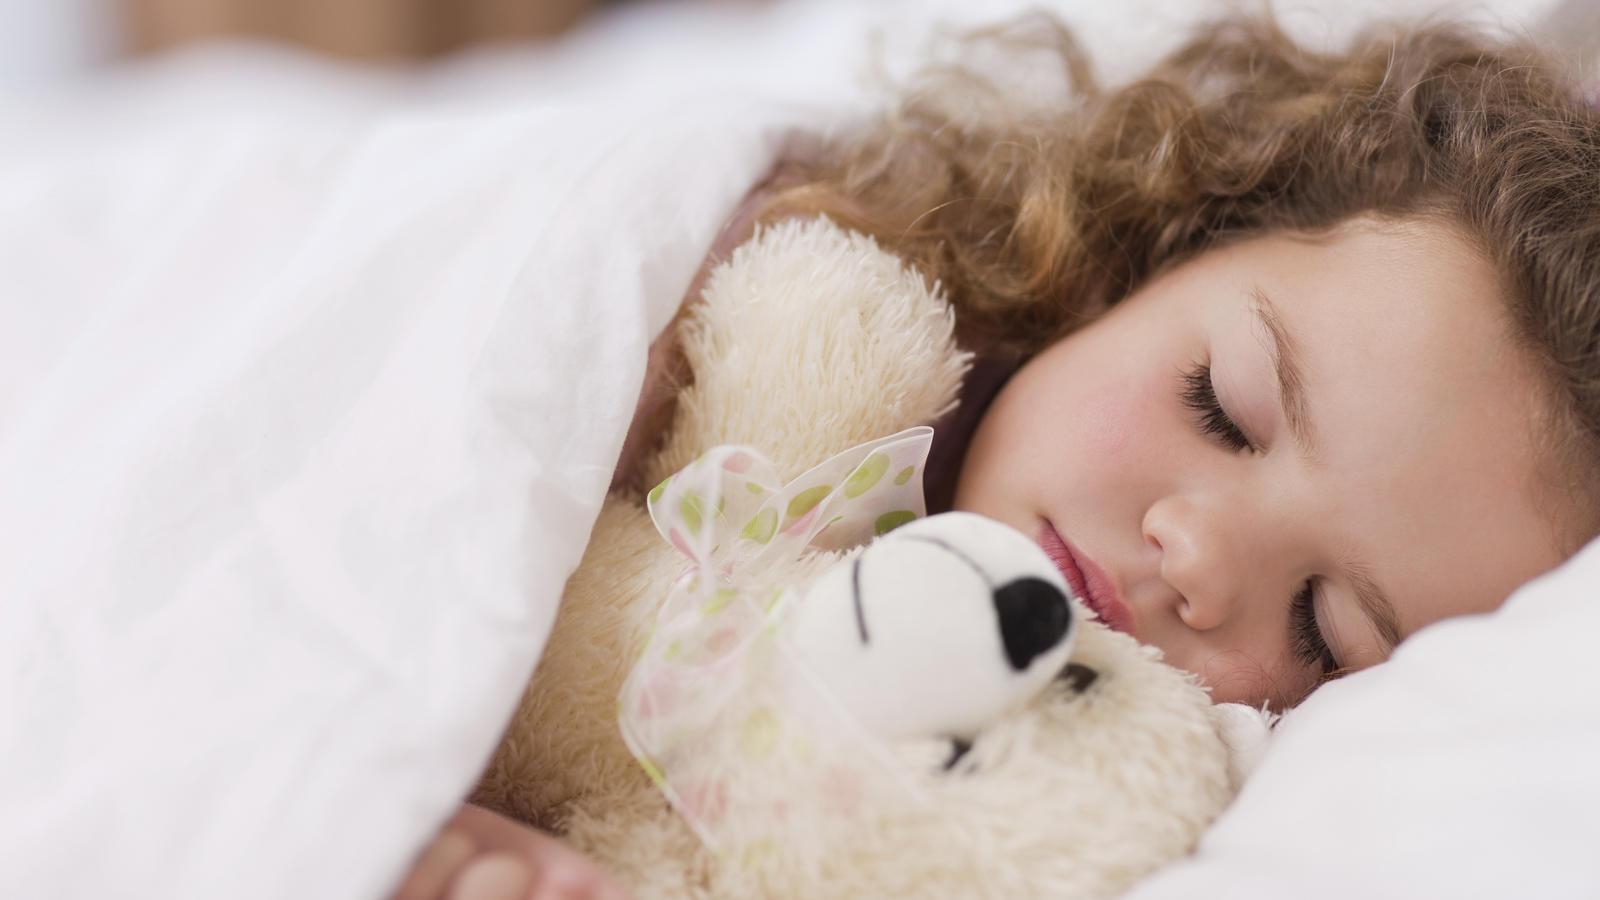 einschlafprobleme bei kindern mit diesen tipps schlafen die kleinen besser ein. Black Bedroom Furniture Sets. Home Design Ideas